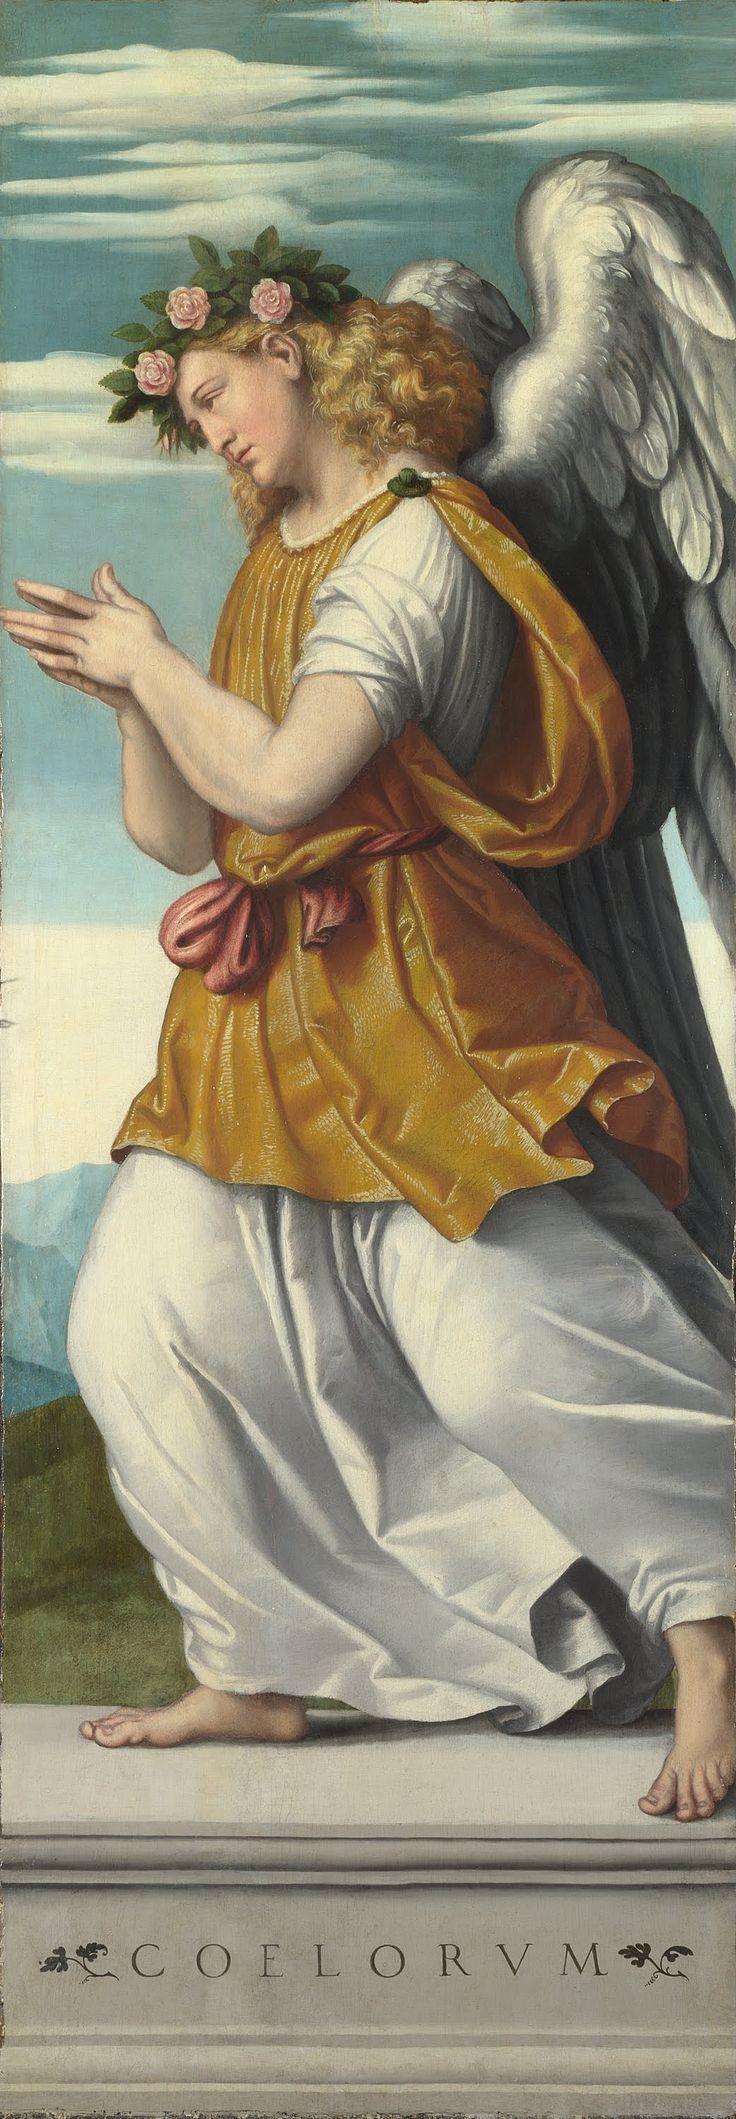 renaissance angels in art   ... :Moretto da Brescia - An Adoring Angel (1) - Google Art Project.jpg